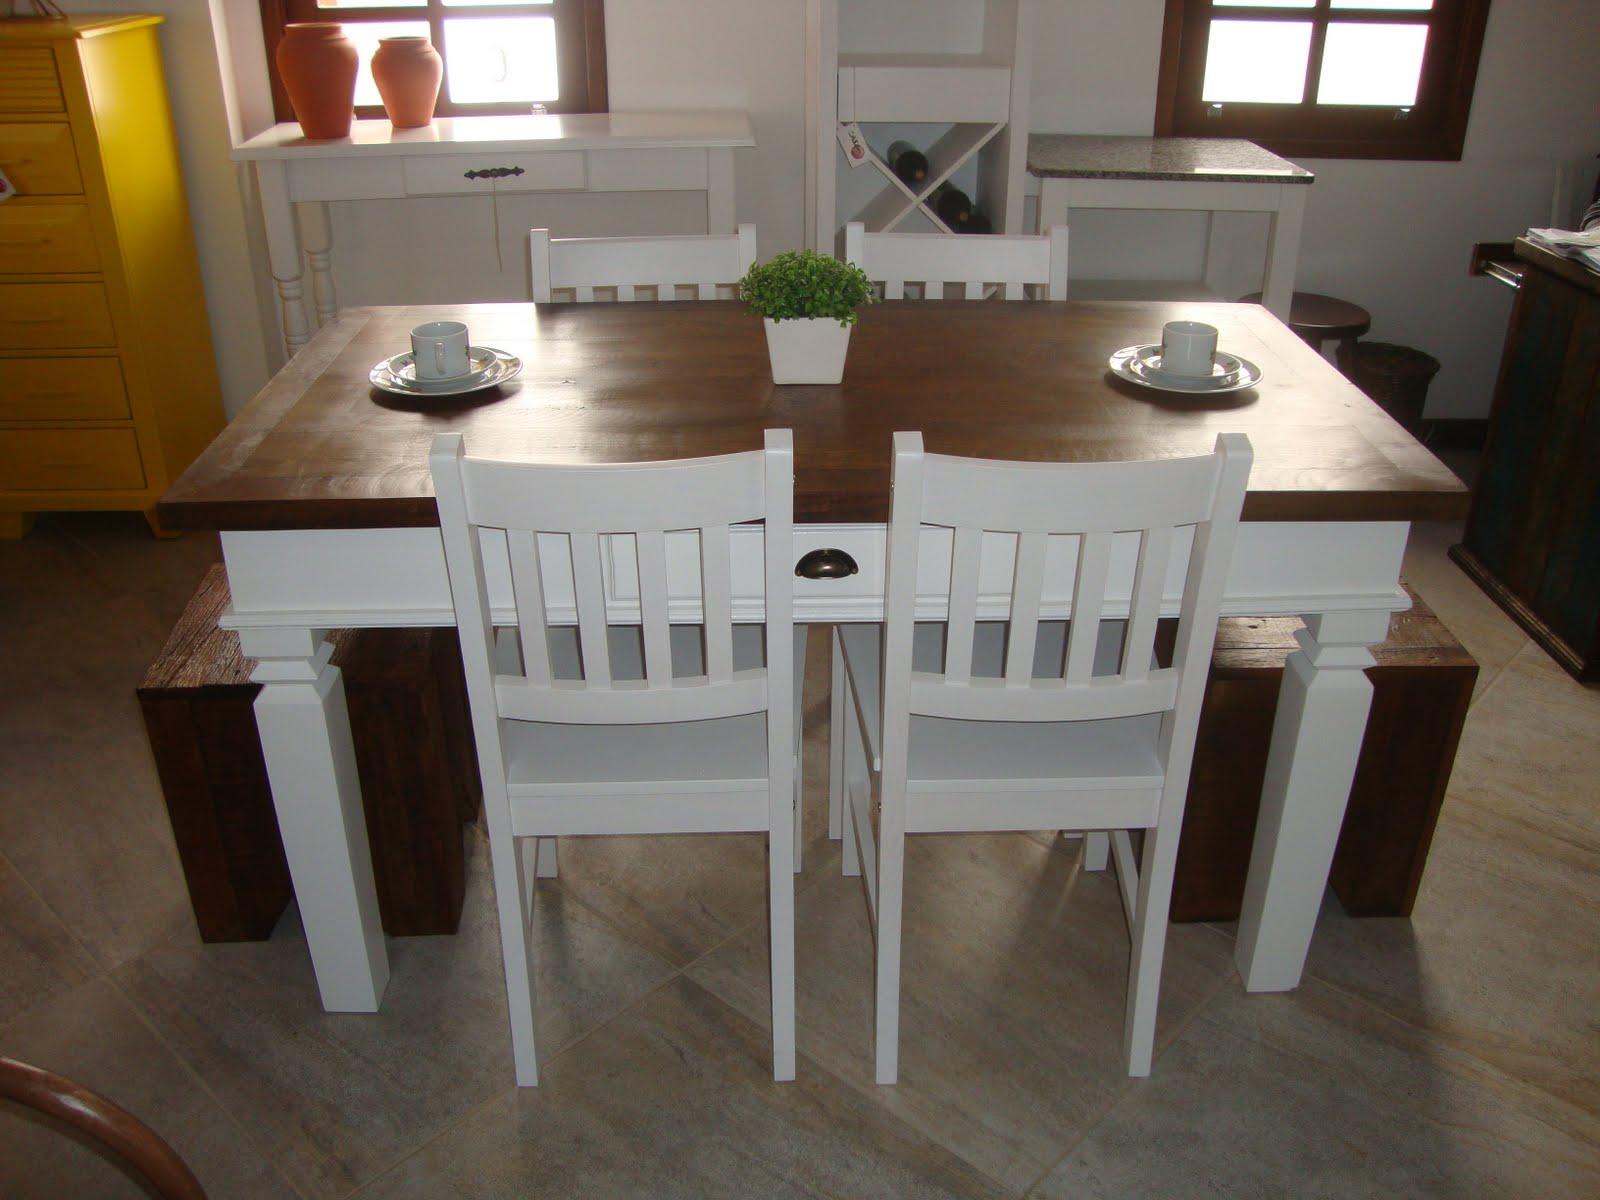 Casa Mix: Mesas de Jantar de Madeira de Demolção #C39608 1600x1200